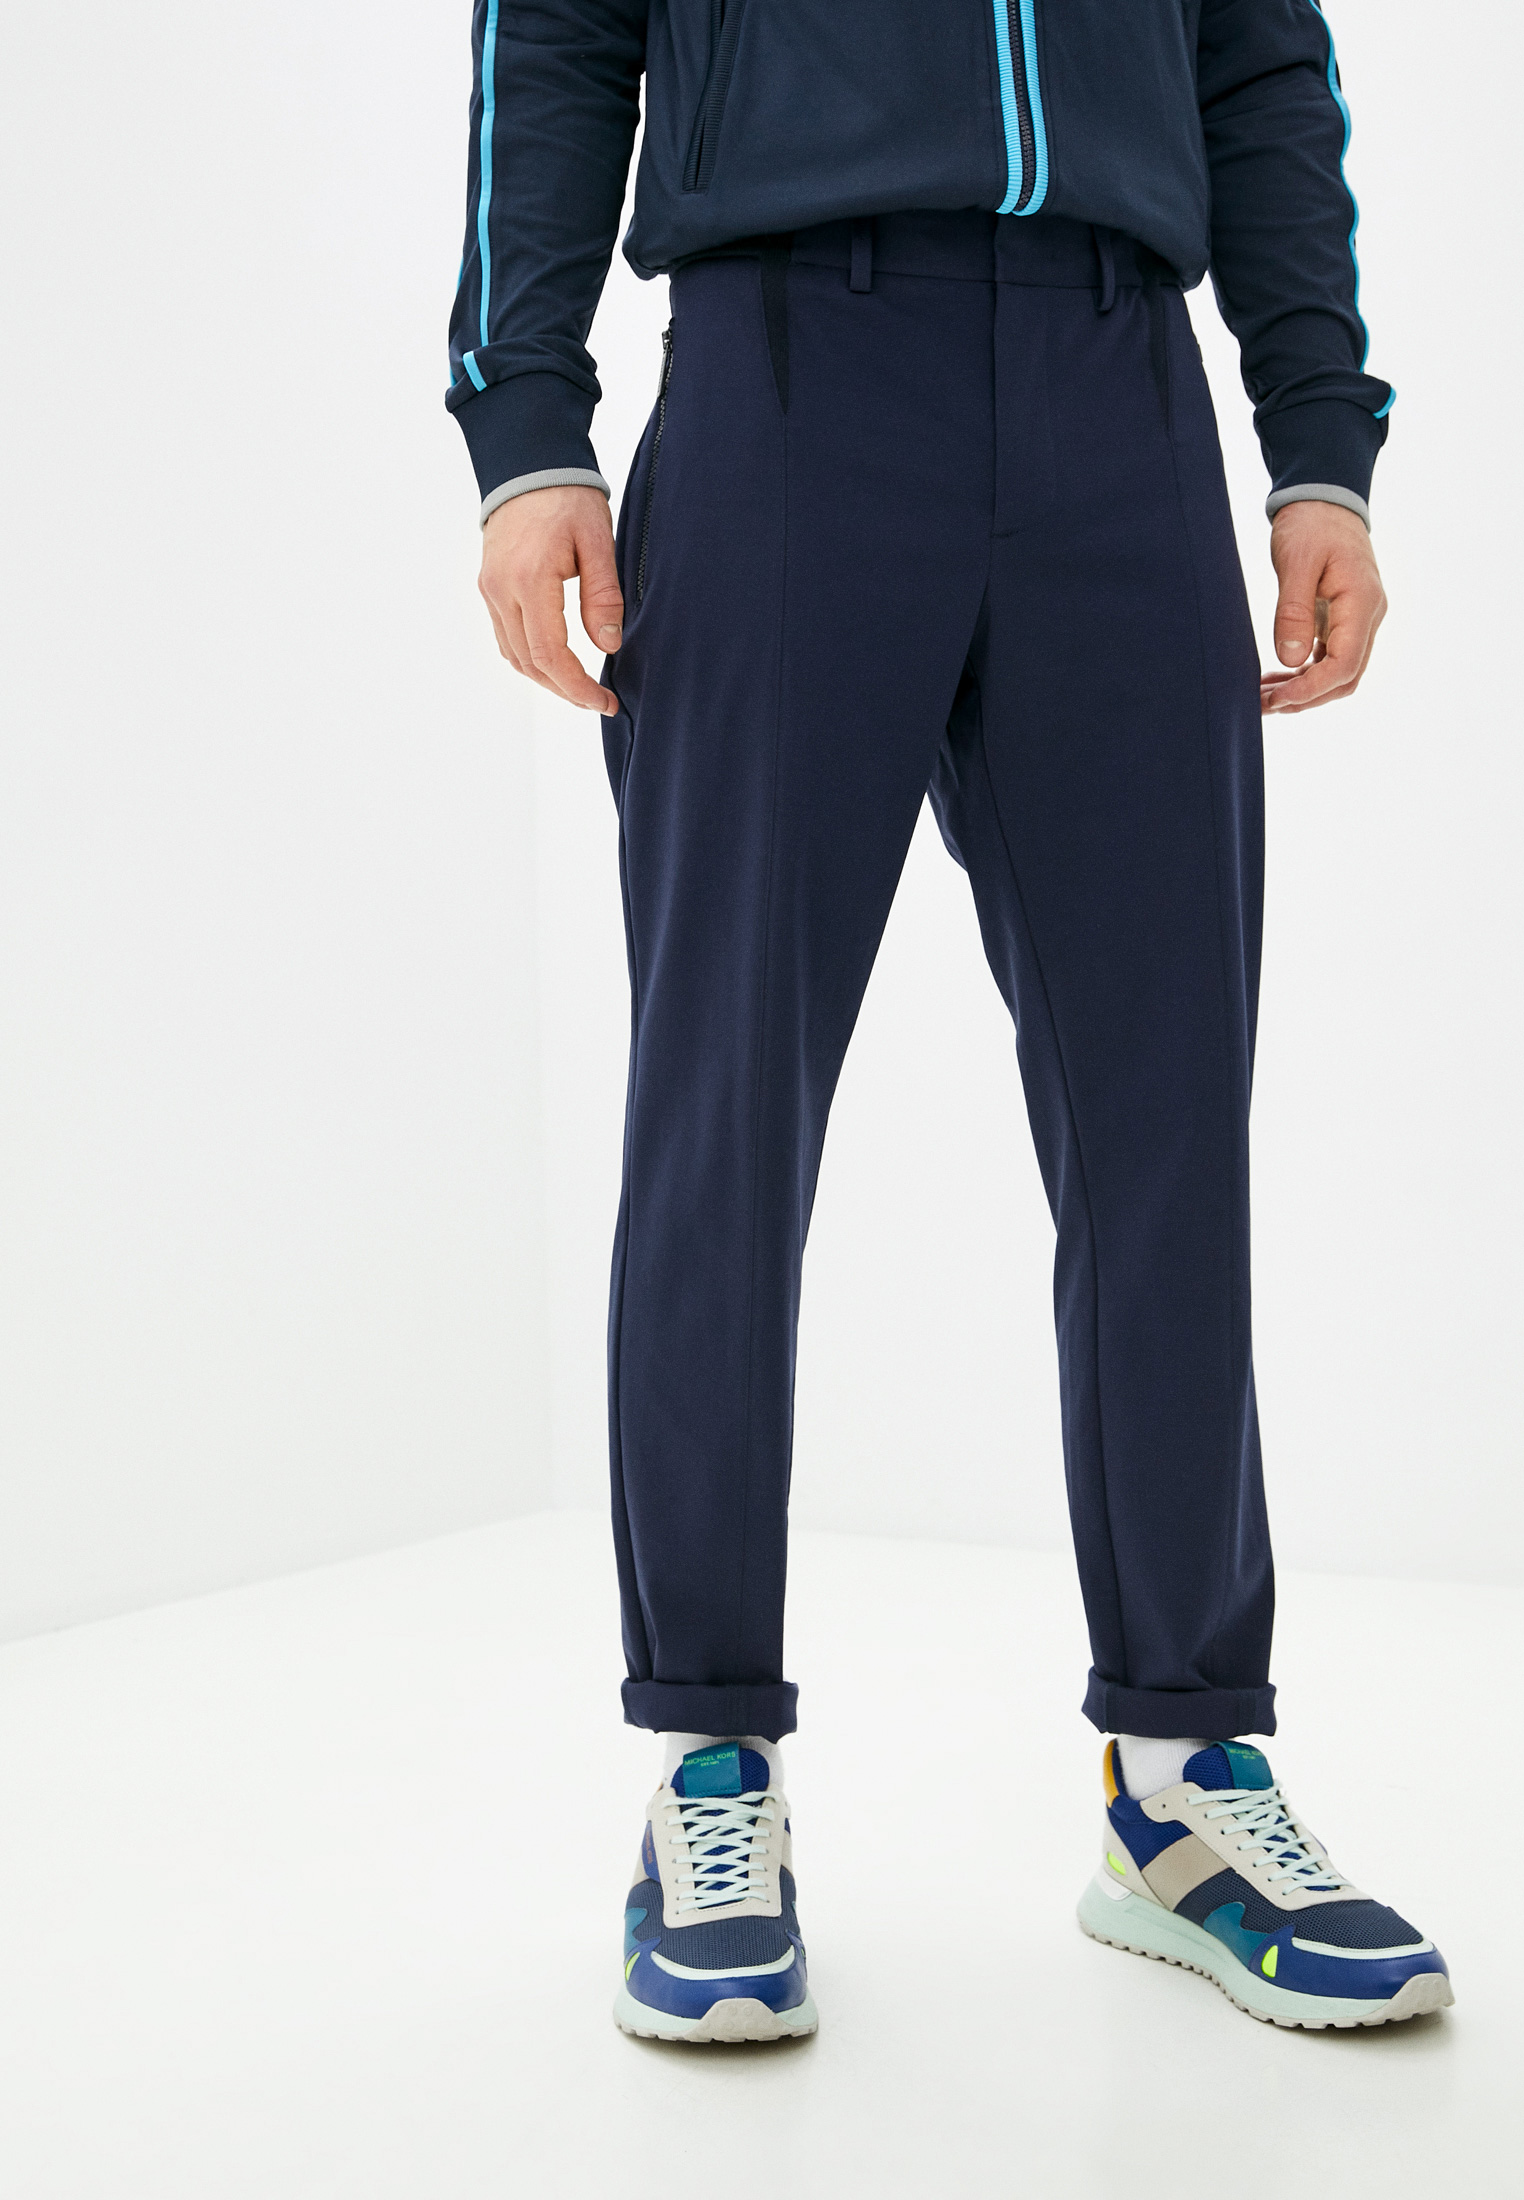 Мужские повседневные брюки Bikkembergs (Биккембергс) C 1 142 00 e 2031: изображение 1